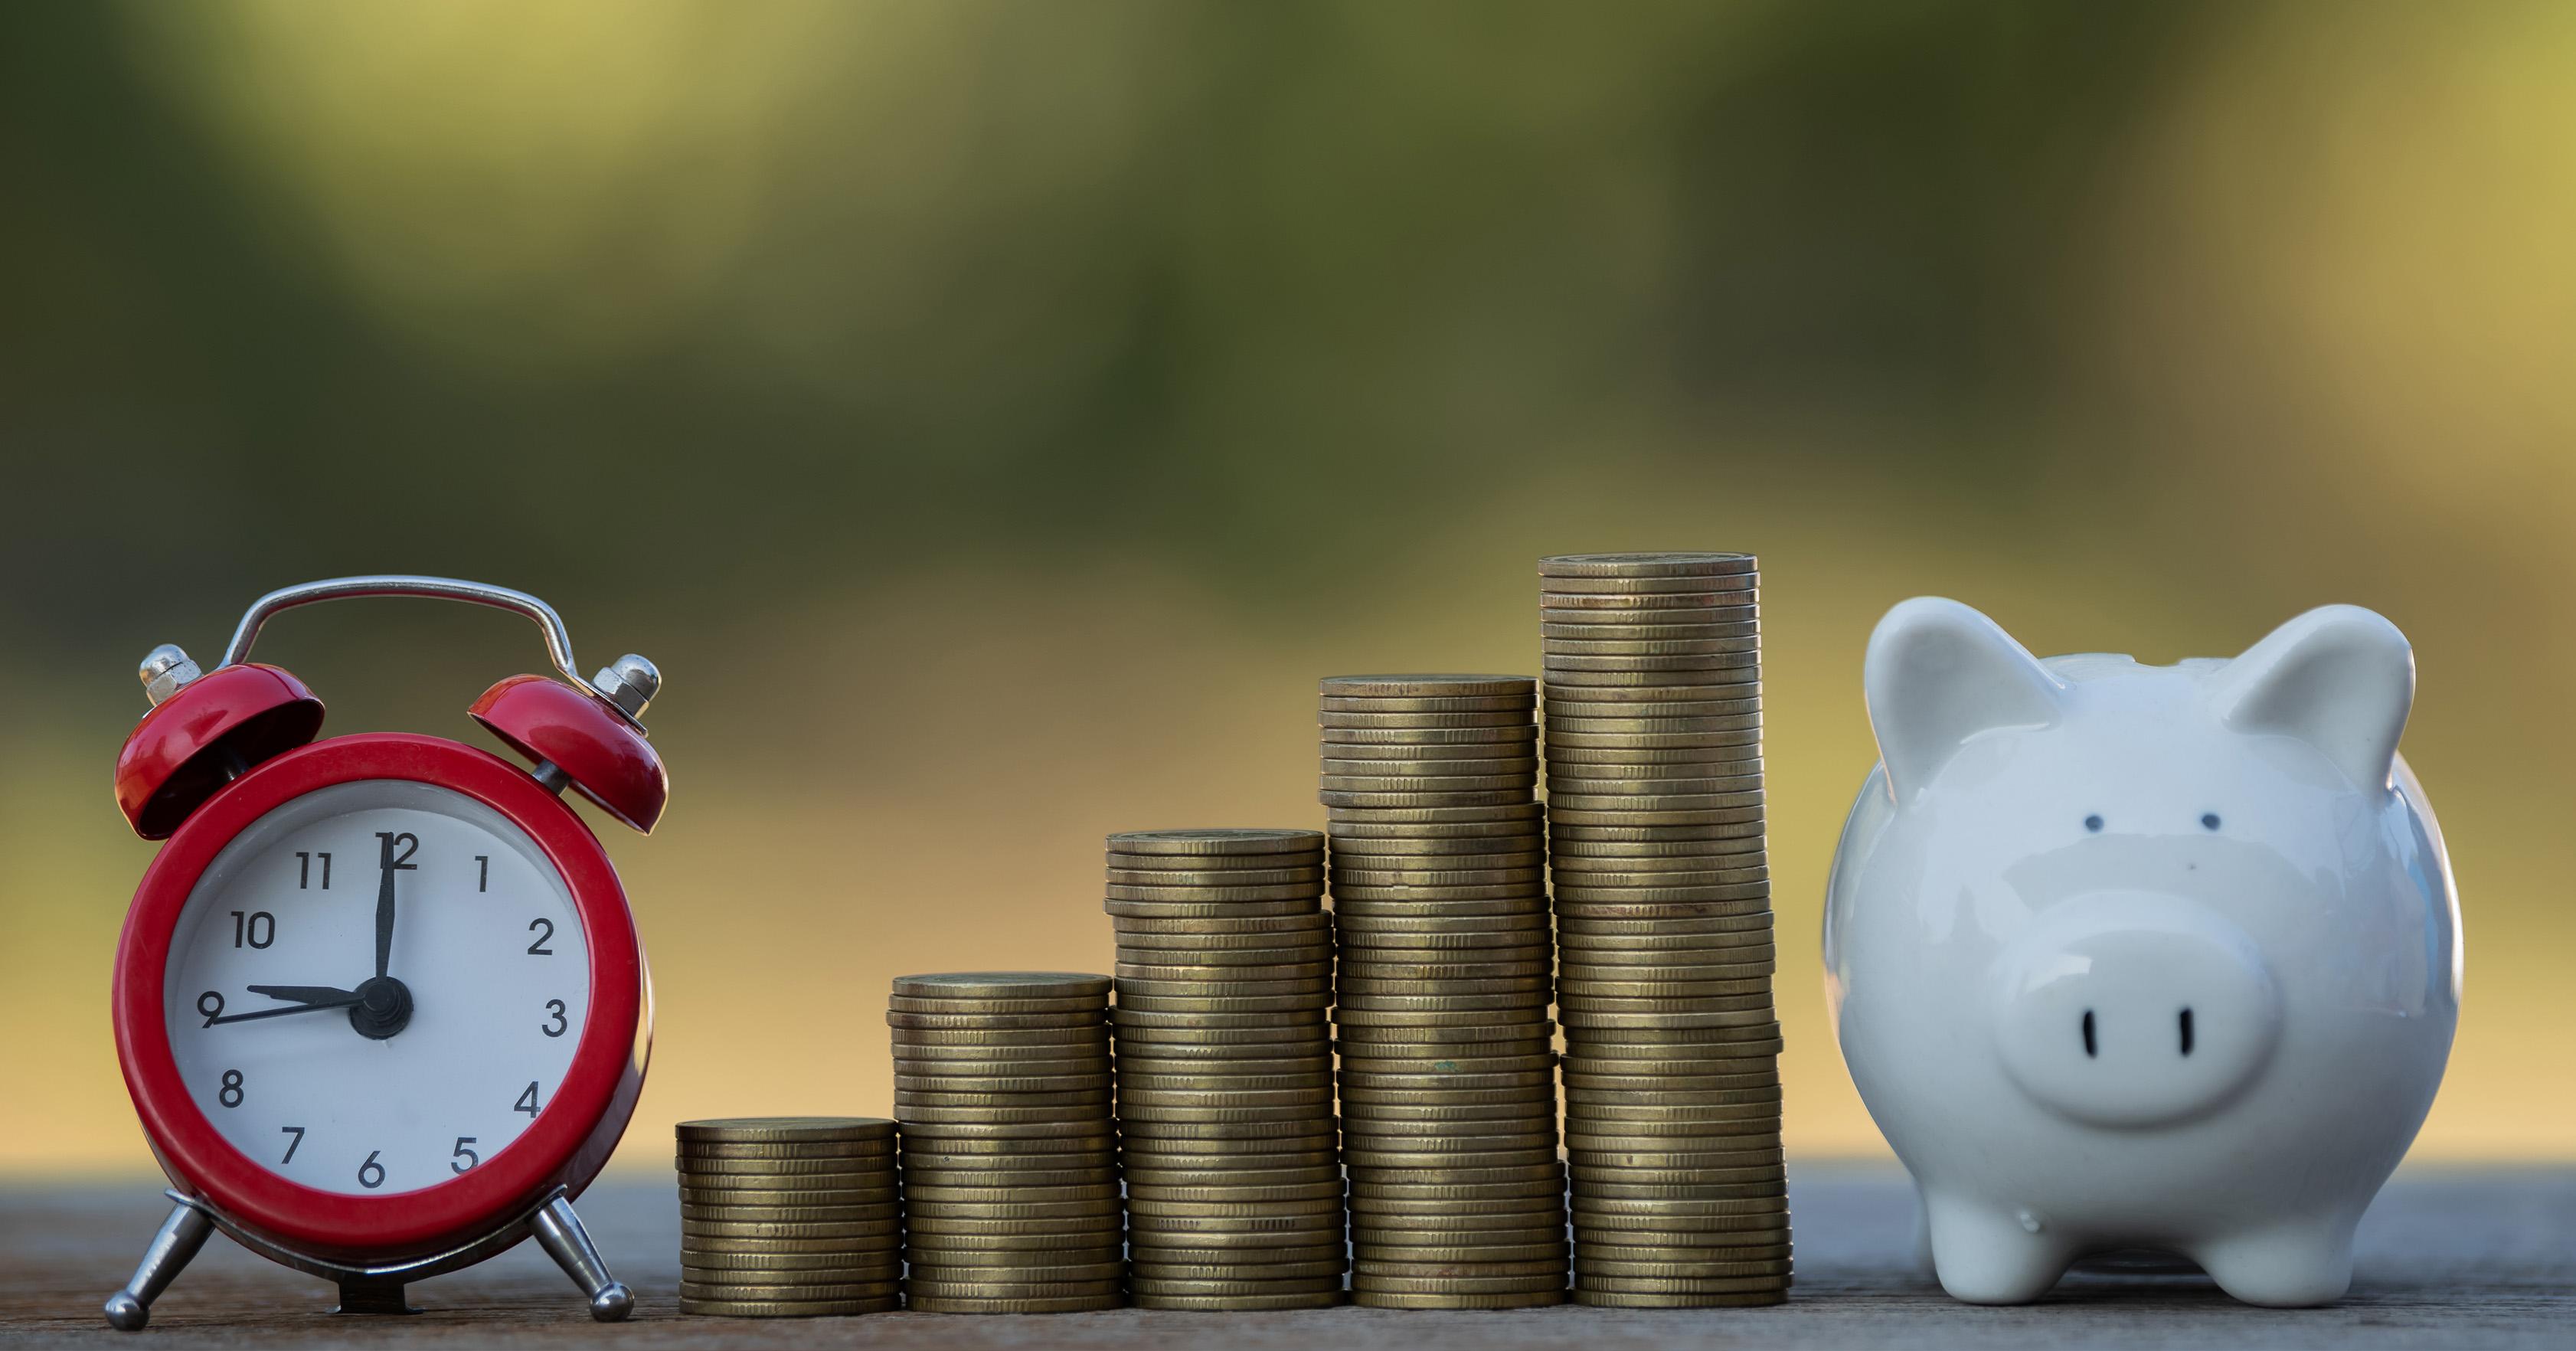 Entenda a relação entre o aumento da expectativa de vida e a vida financeira